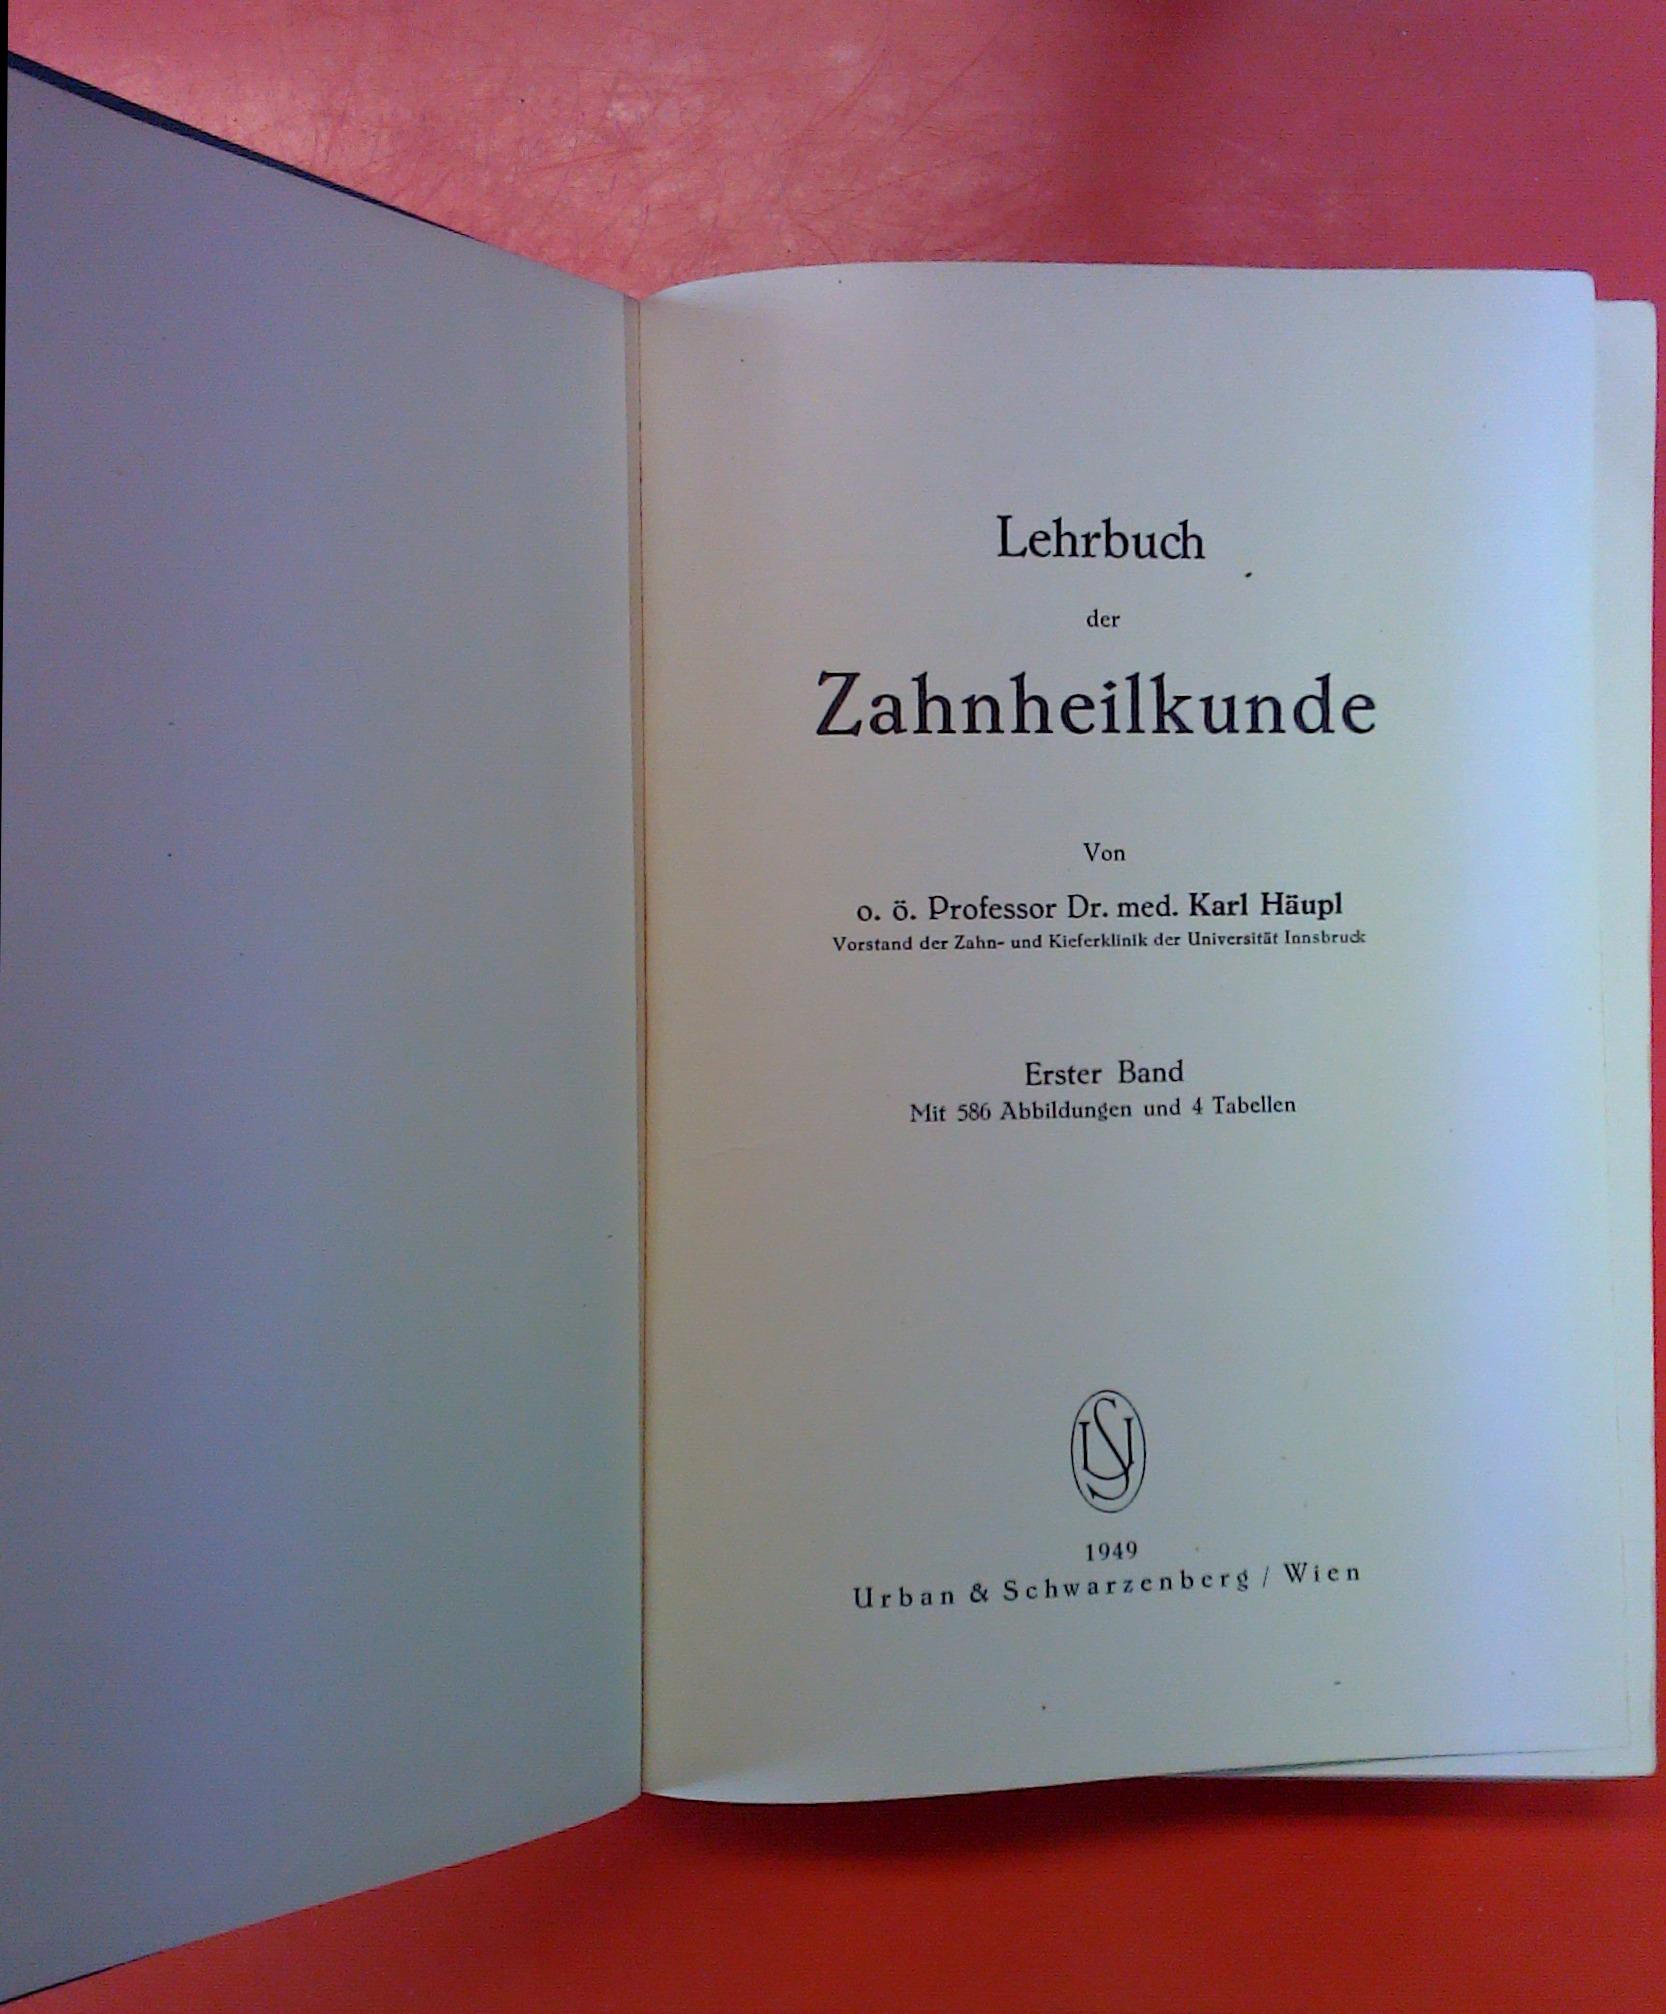 Lehrbuch der Zahnheilkunde - Erster Band. Mit: Karl Häupl